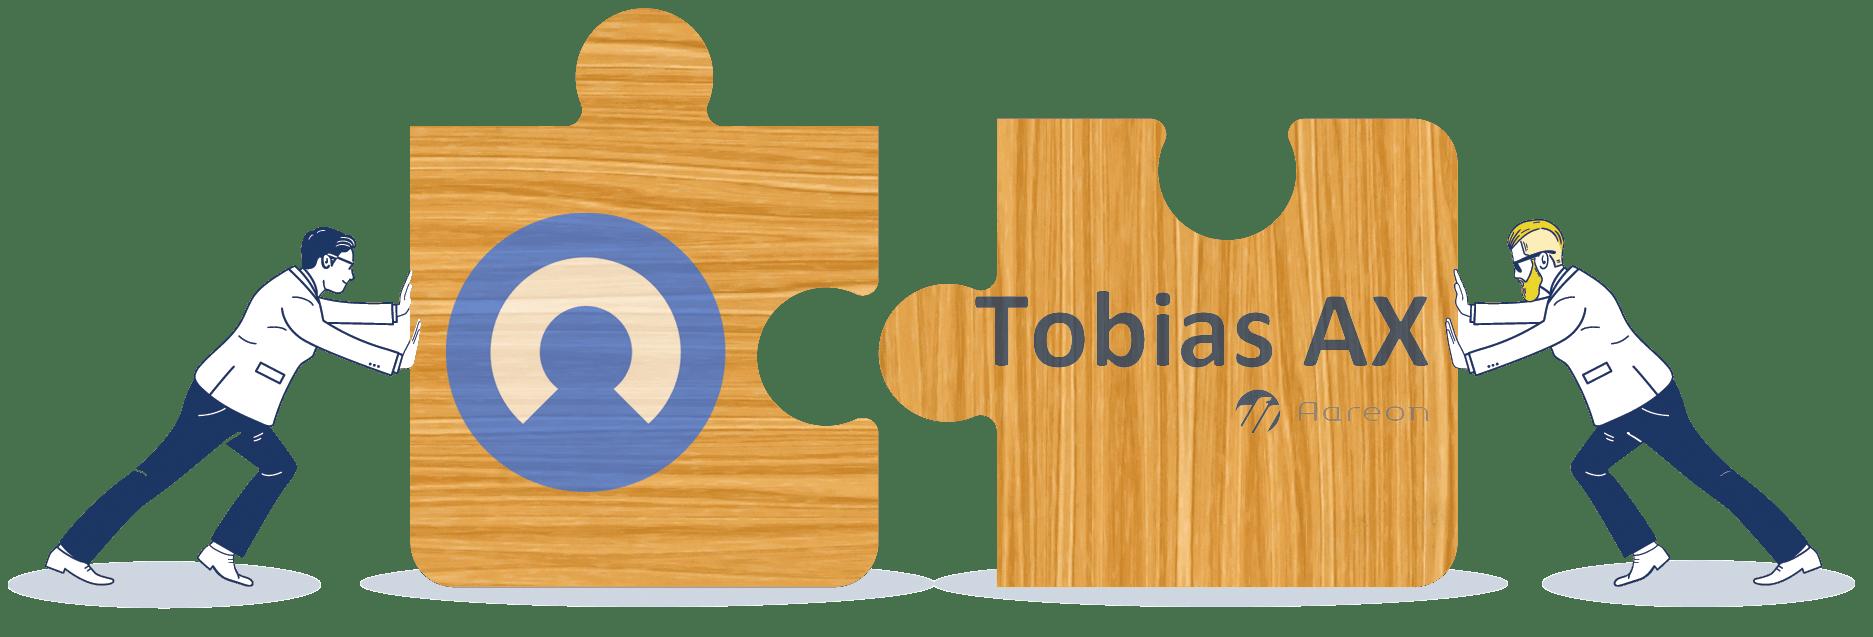 Tobias AX Aareon Software + slimme telefonie